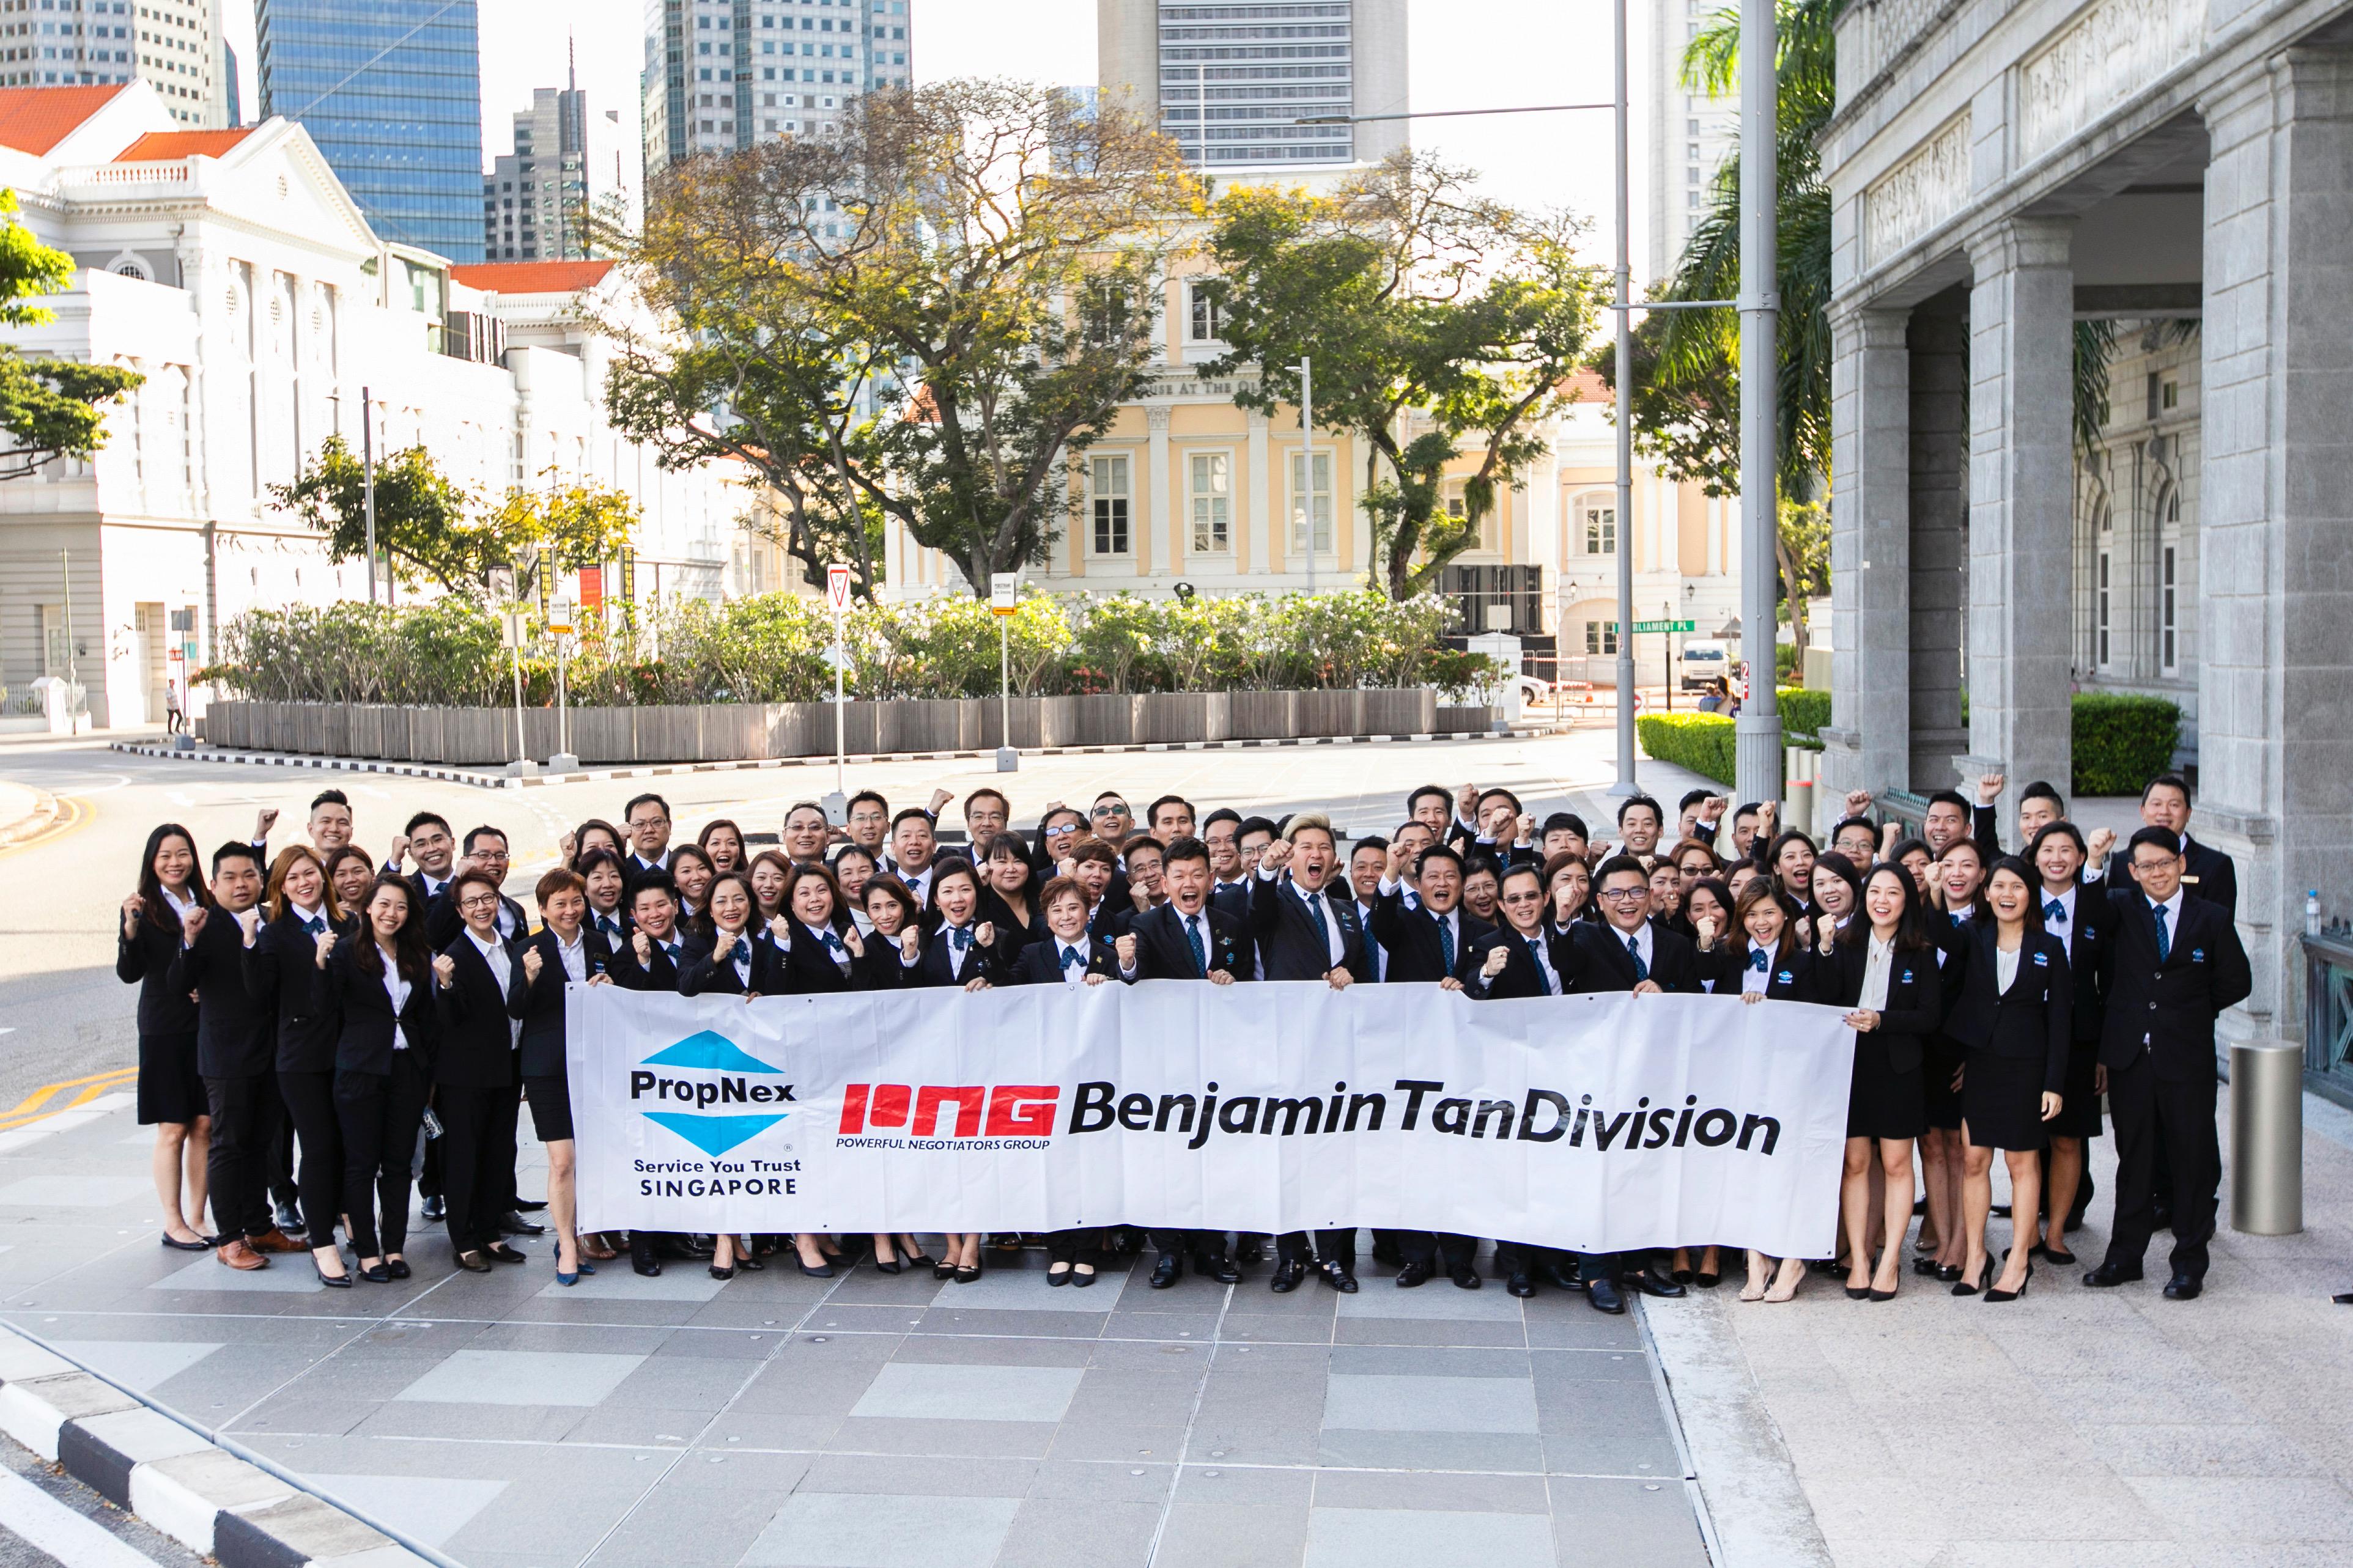 PropNex Benjamin Tan Division